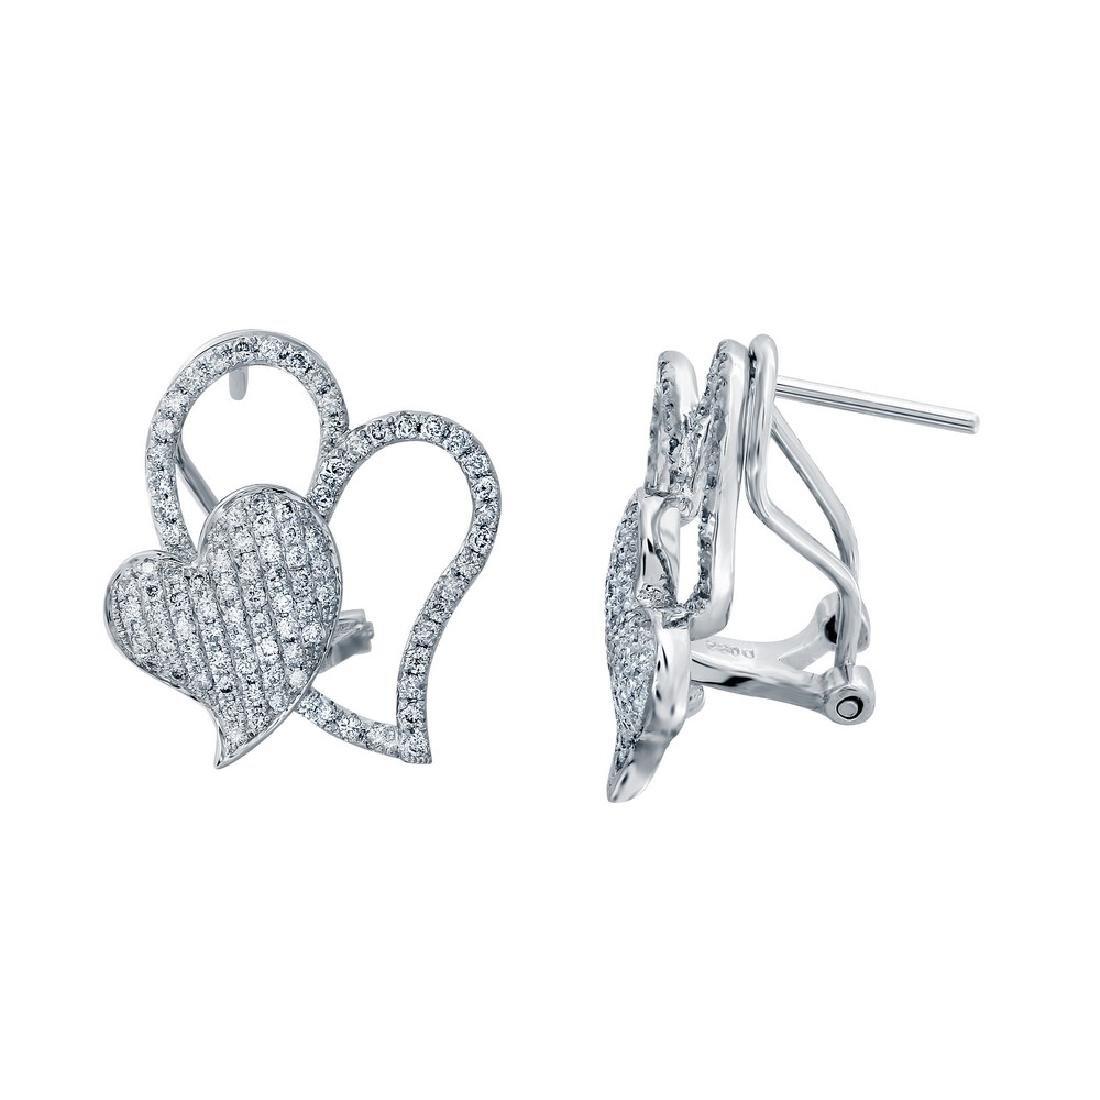 14K White Gold 0.89CTW Diamond Earring